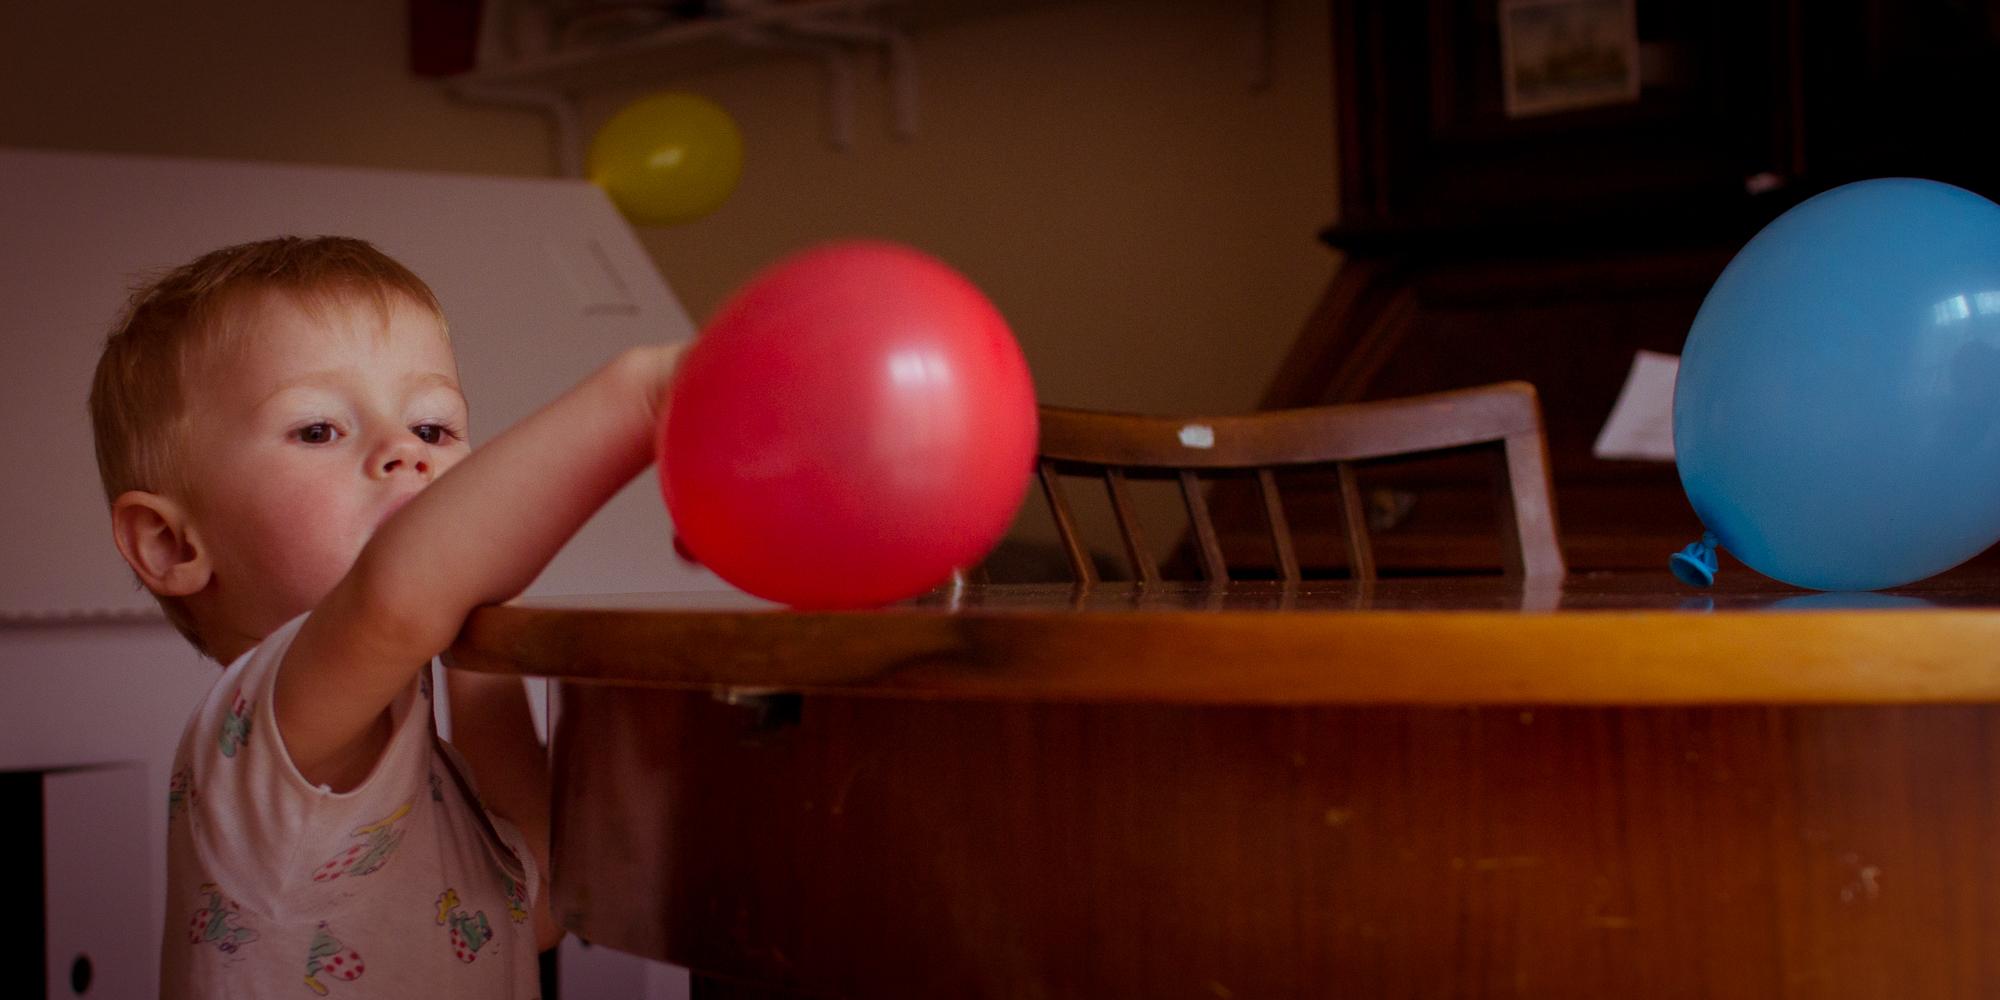 Ballons auf dem Tisch